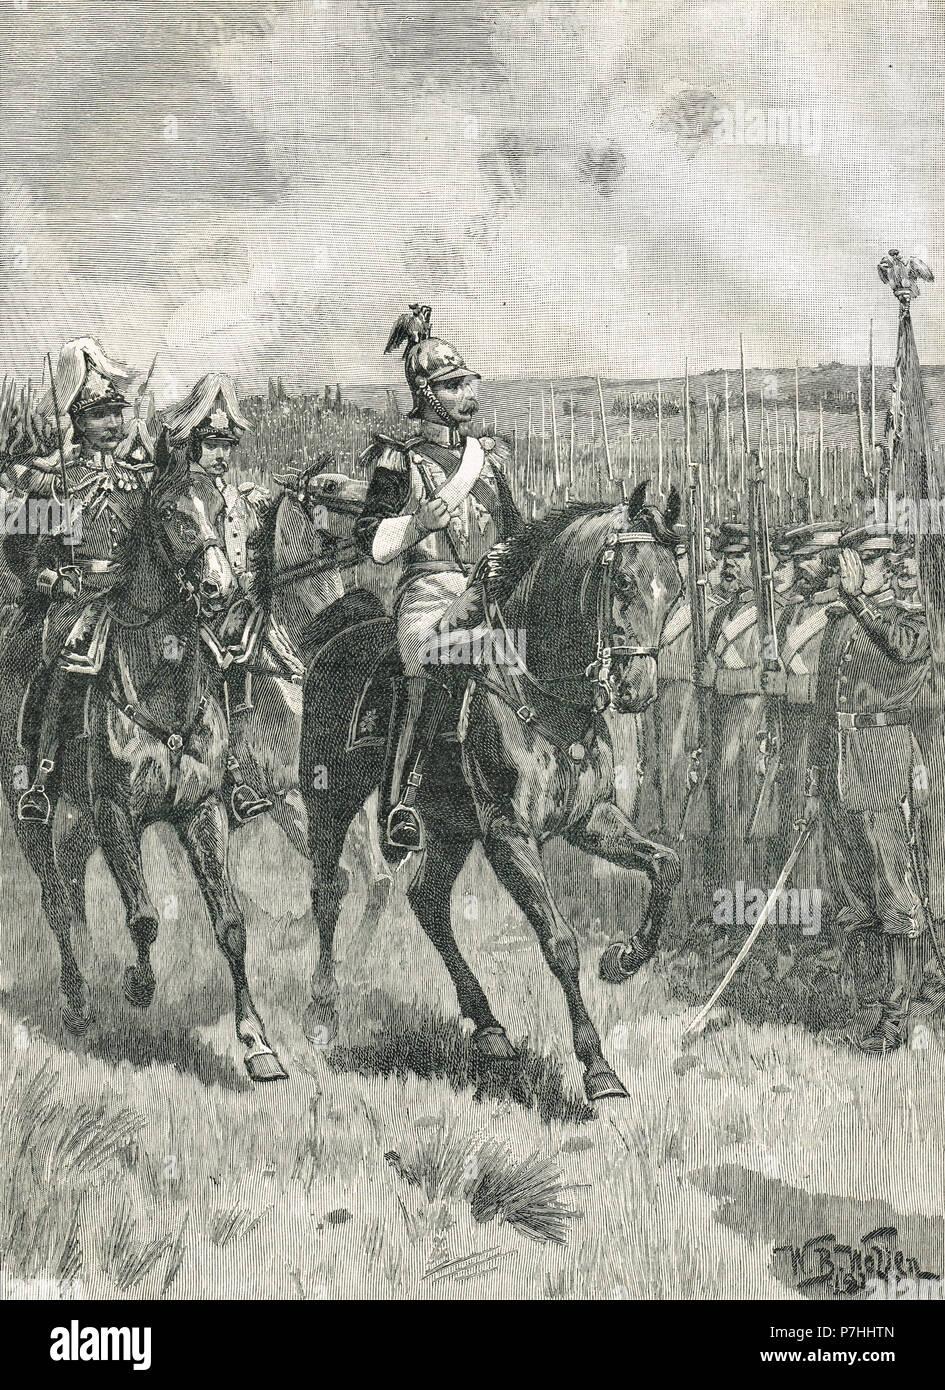 Zar Nikolaus der Überprüfung seiner Truppen, Sewastopol, 1855, der Krimkrieg Stockfoto